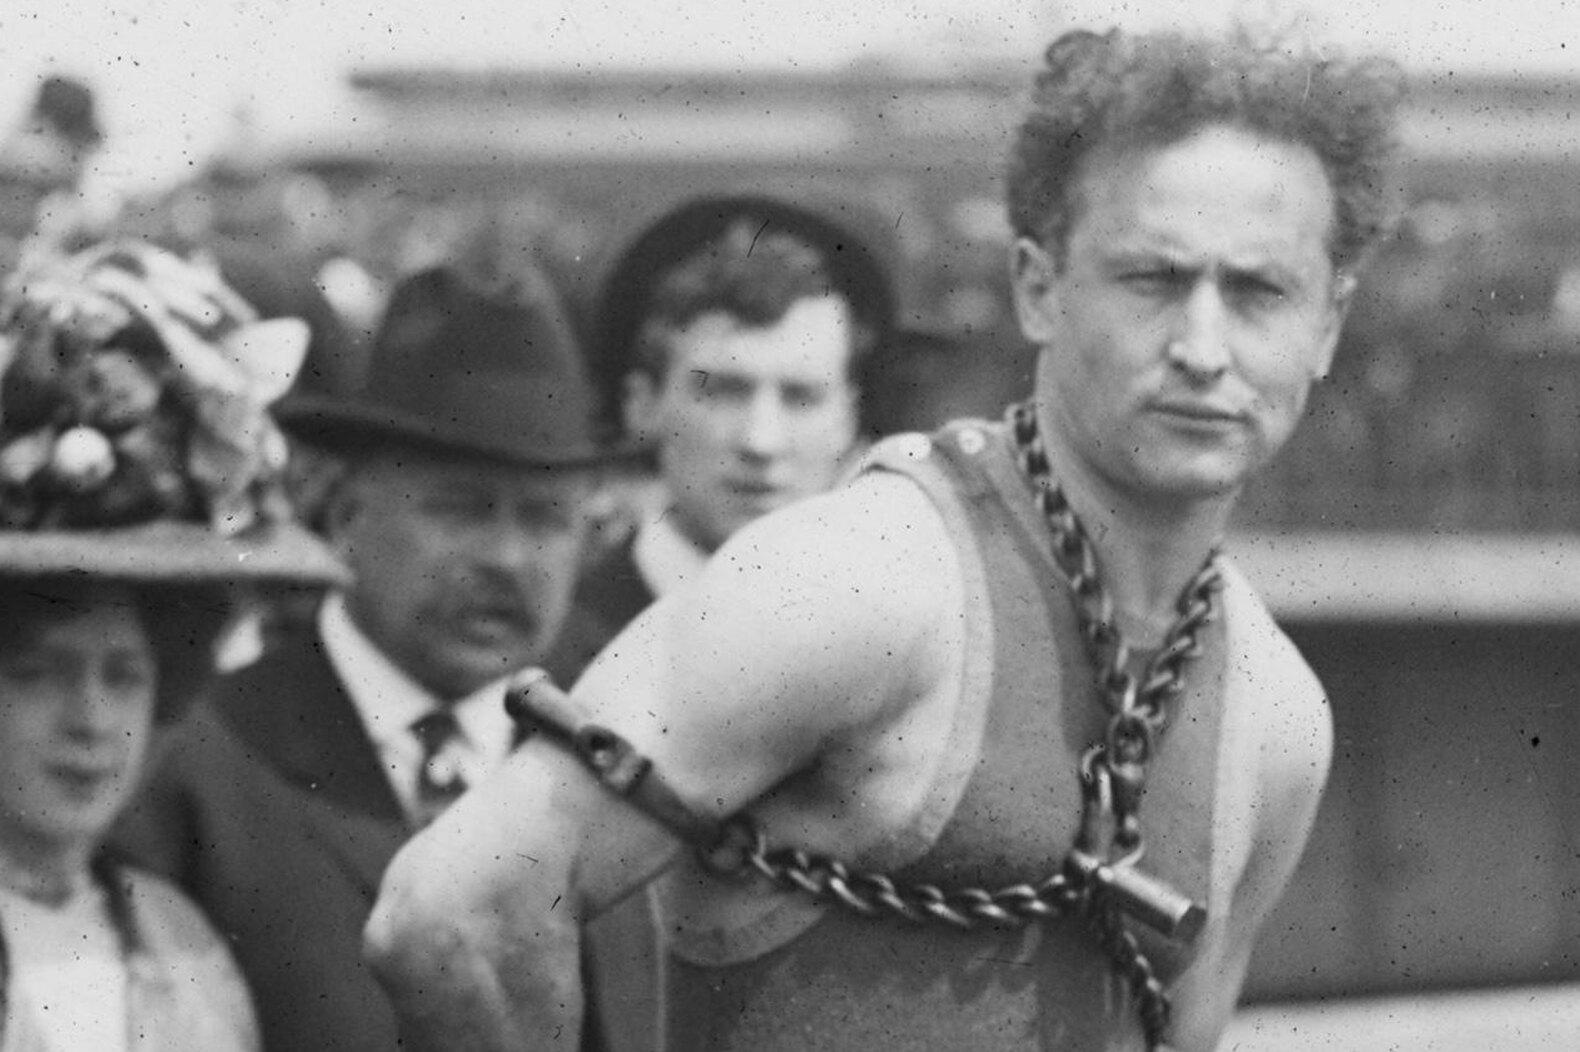 Гарри Гудини спасся из«поводной камеры пыток», а умер отпростого удара вживот